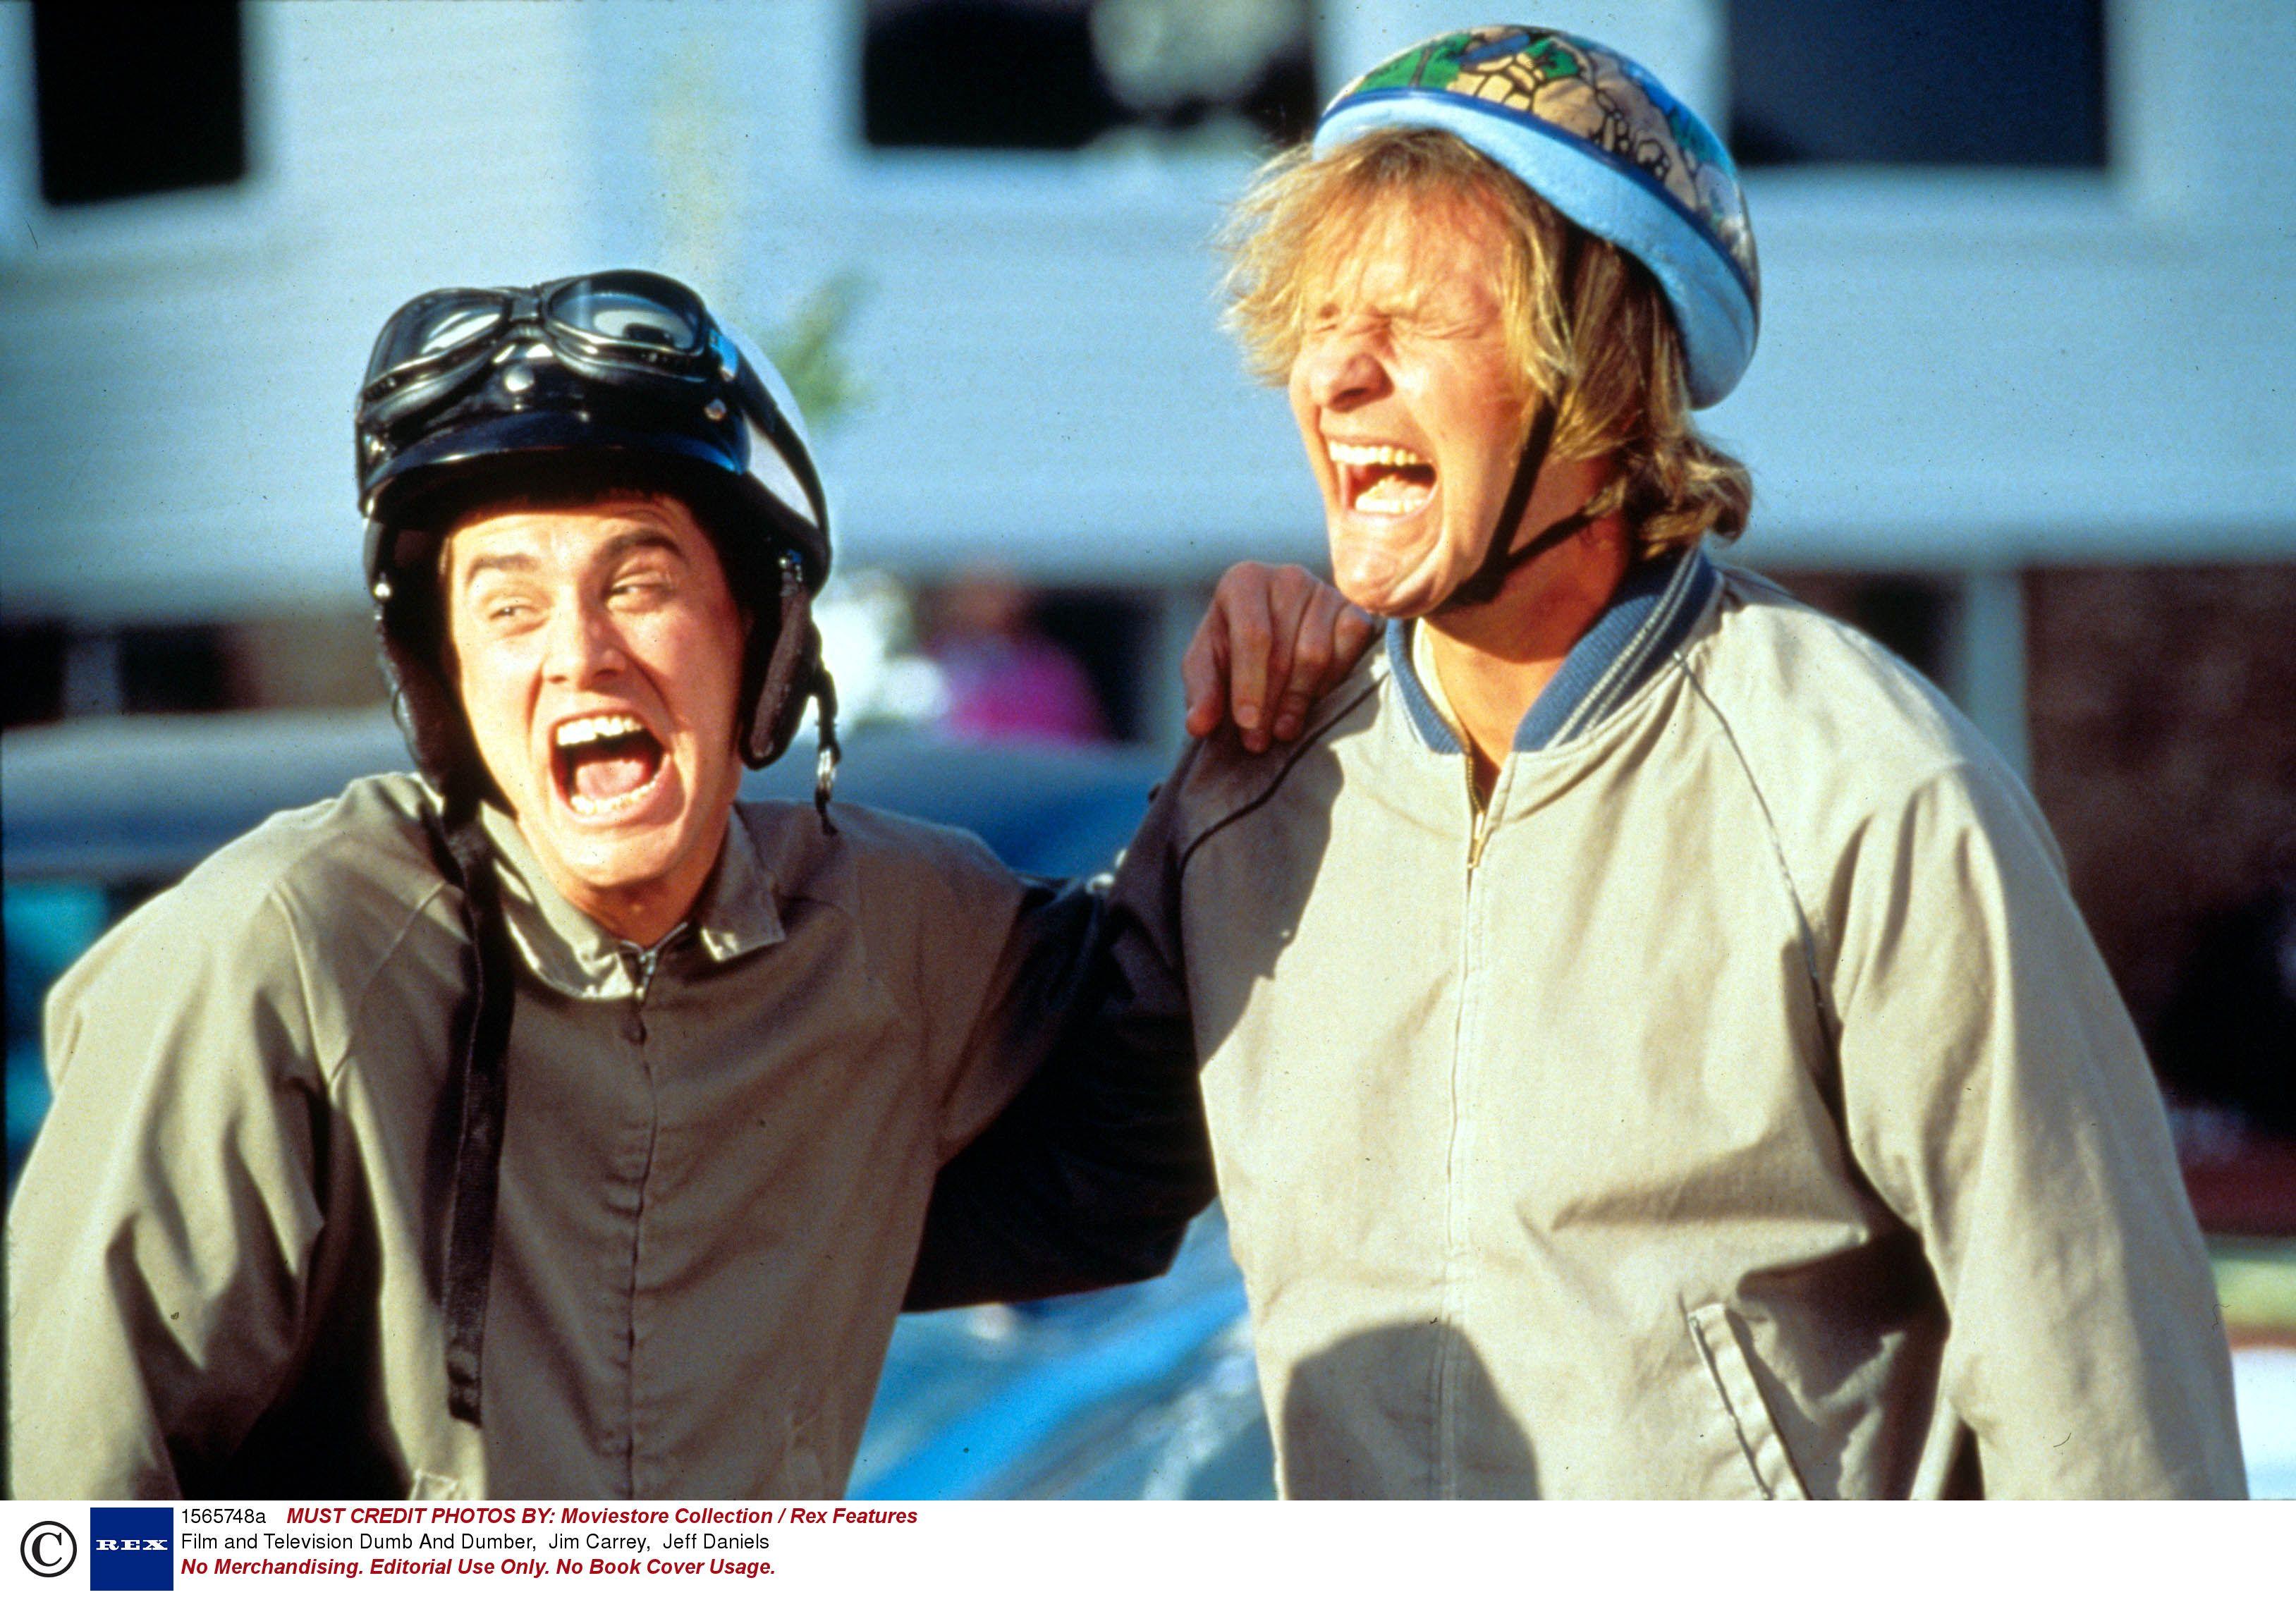 Dumb & Dumber To' to film in September